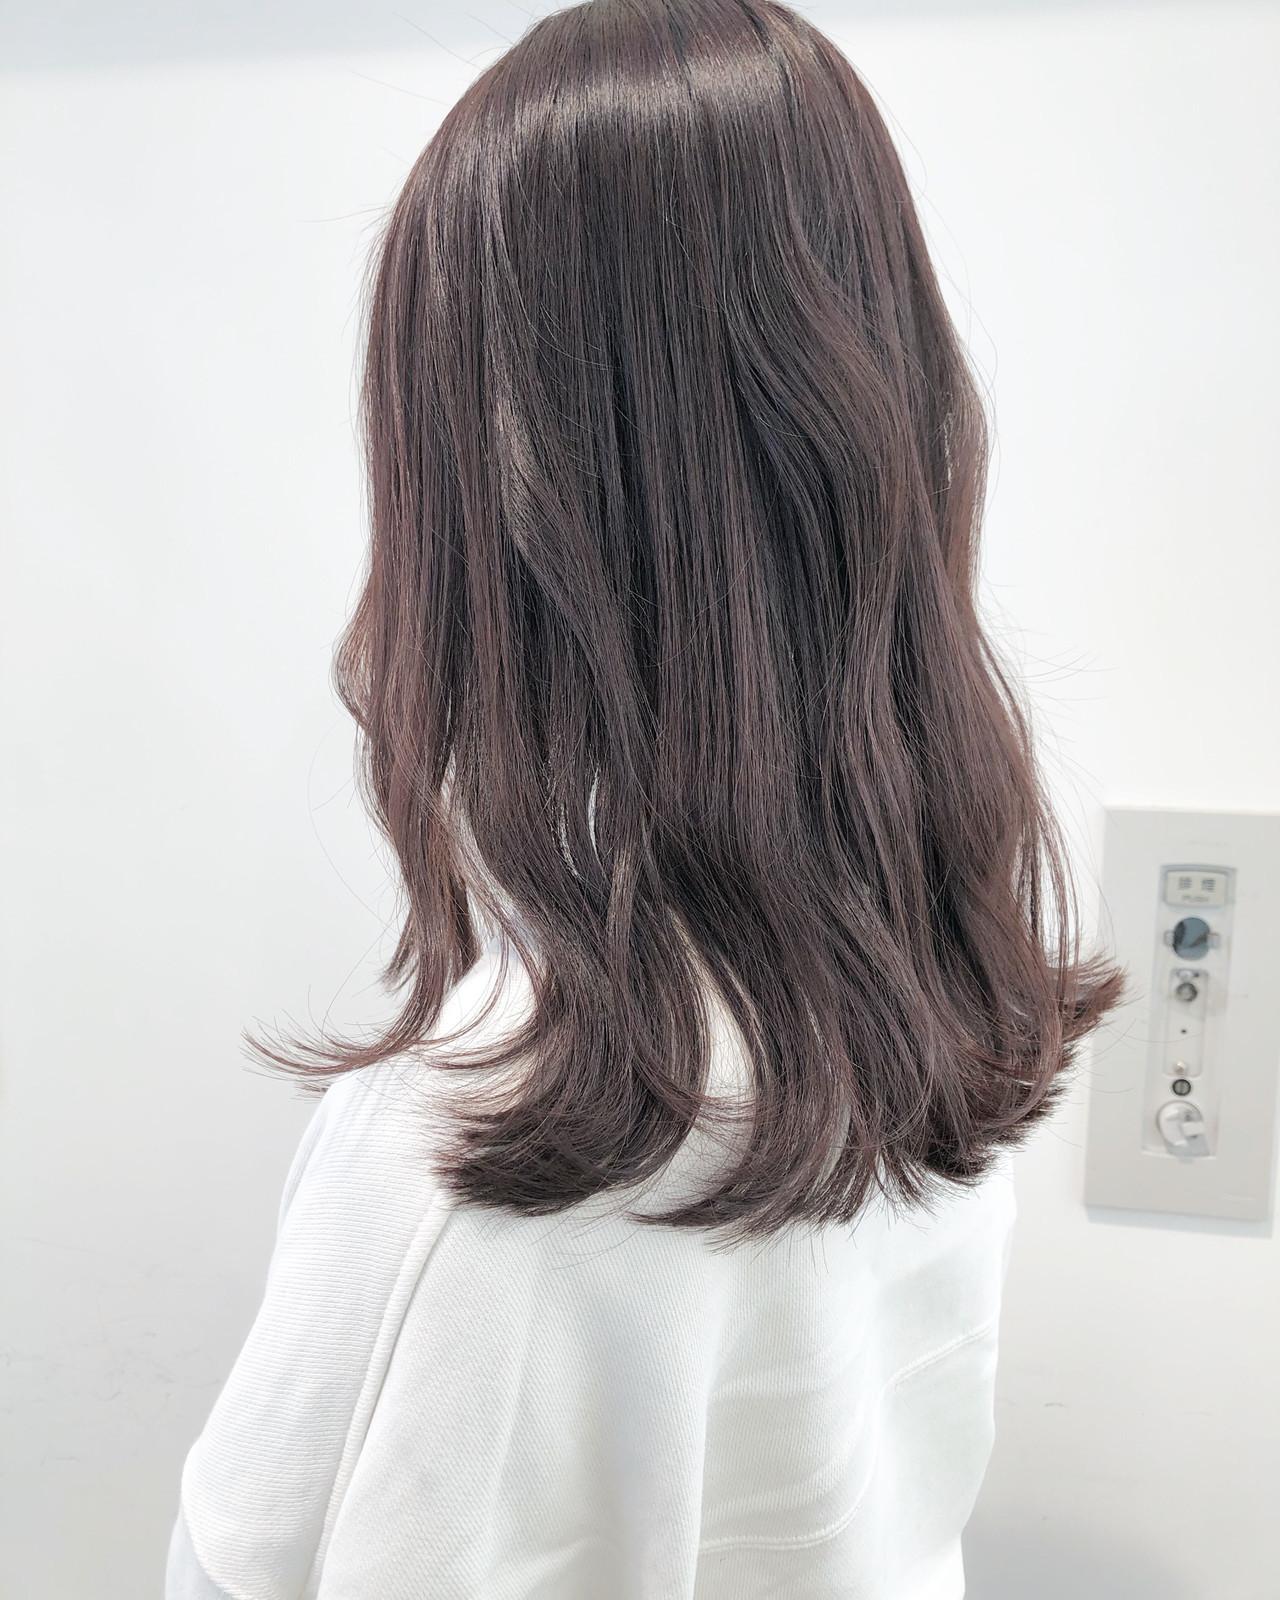 アンニュイほつれヘア ロング 透明感カラー フェミニン ヘアスタイルや髪型の写真・画像